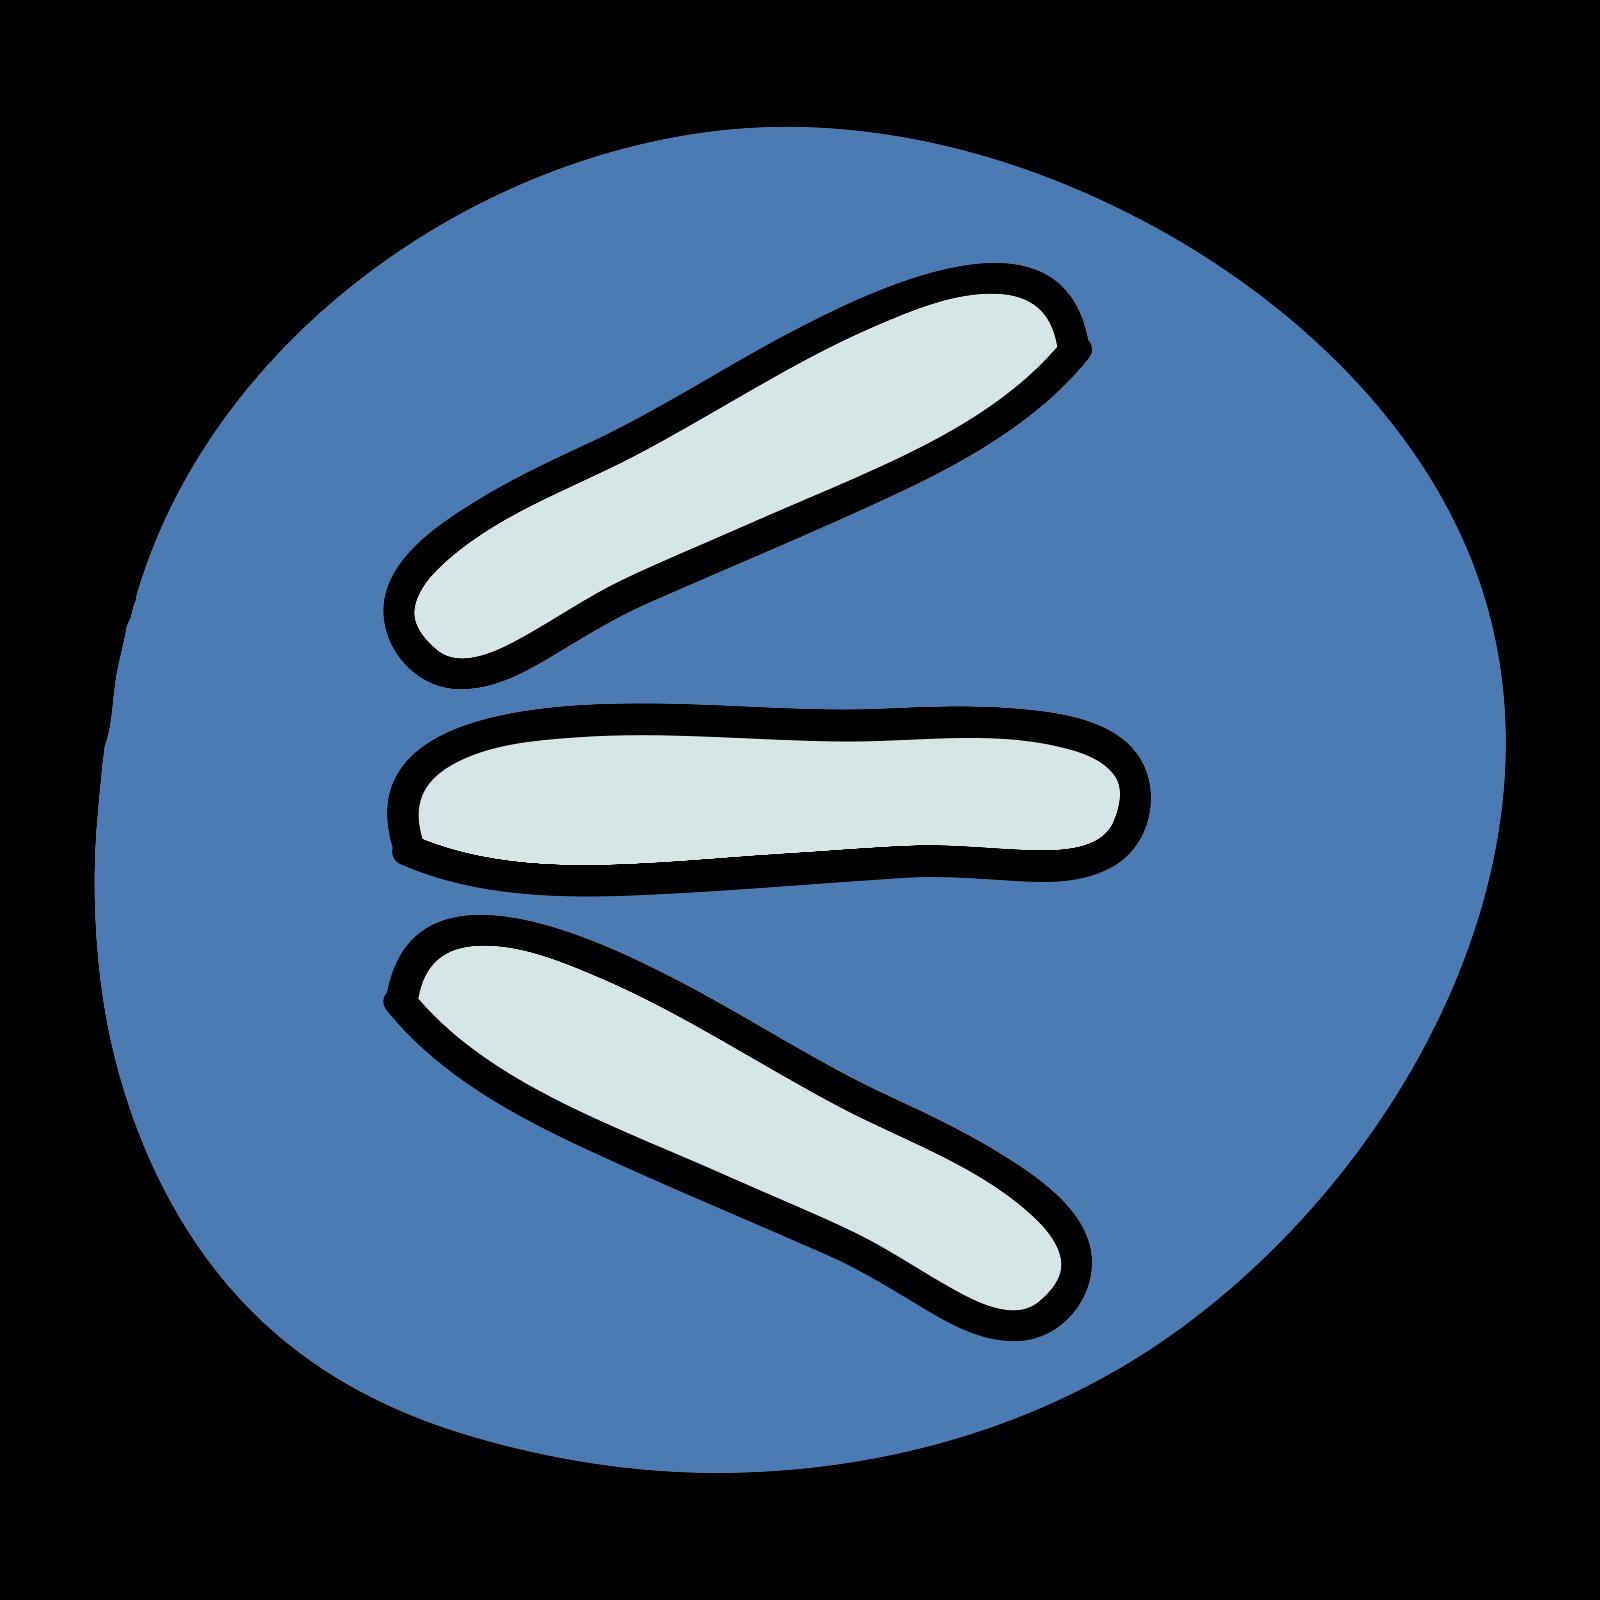 Logo sieci społecznej icon